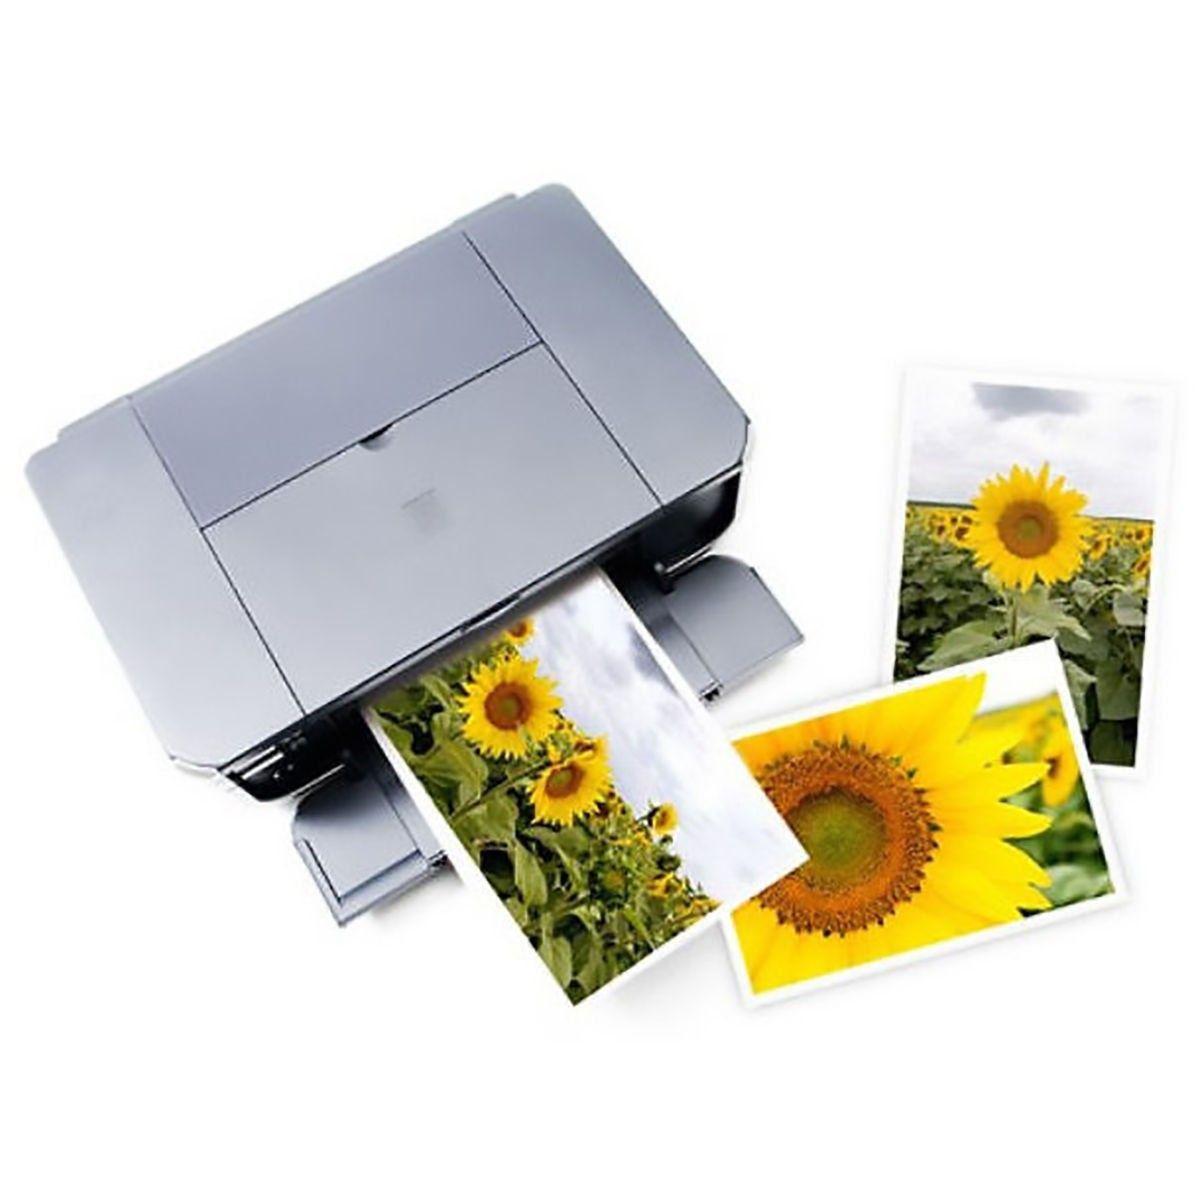 Papel Fotográfico 10x15 cm 265g Glossy Branco Brilhante Resistente à Água / 20 folhas